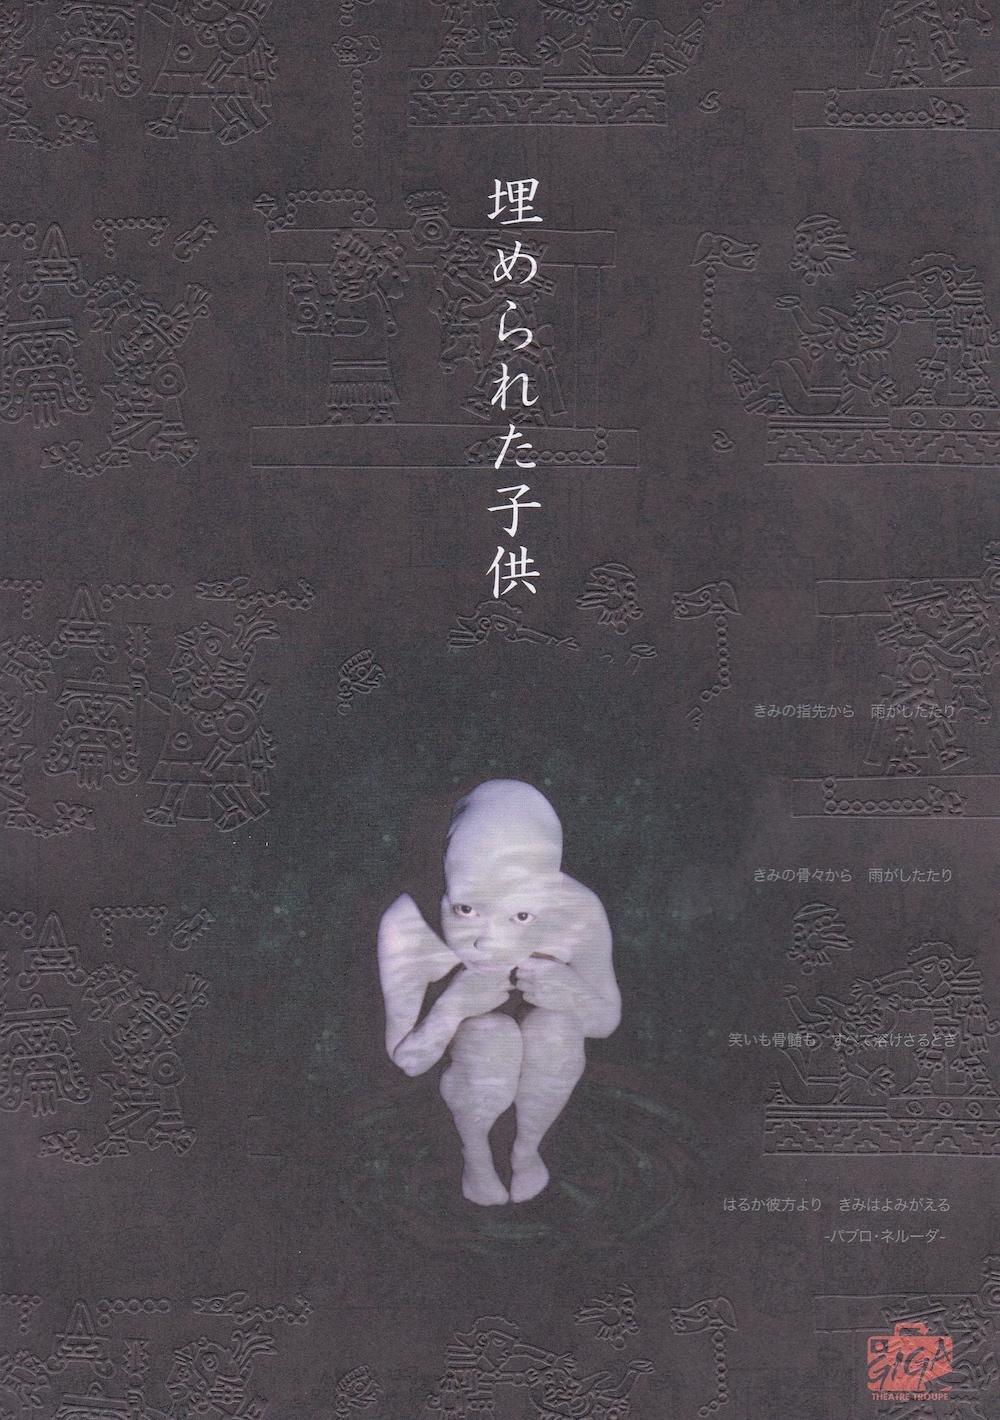 埋められた子供1